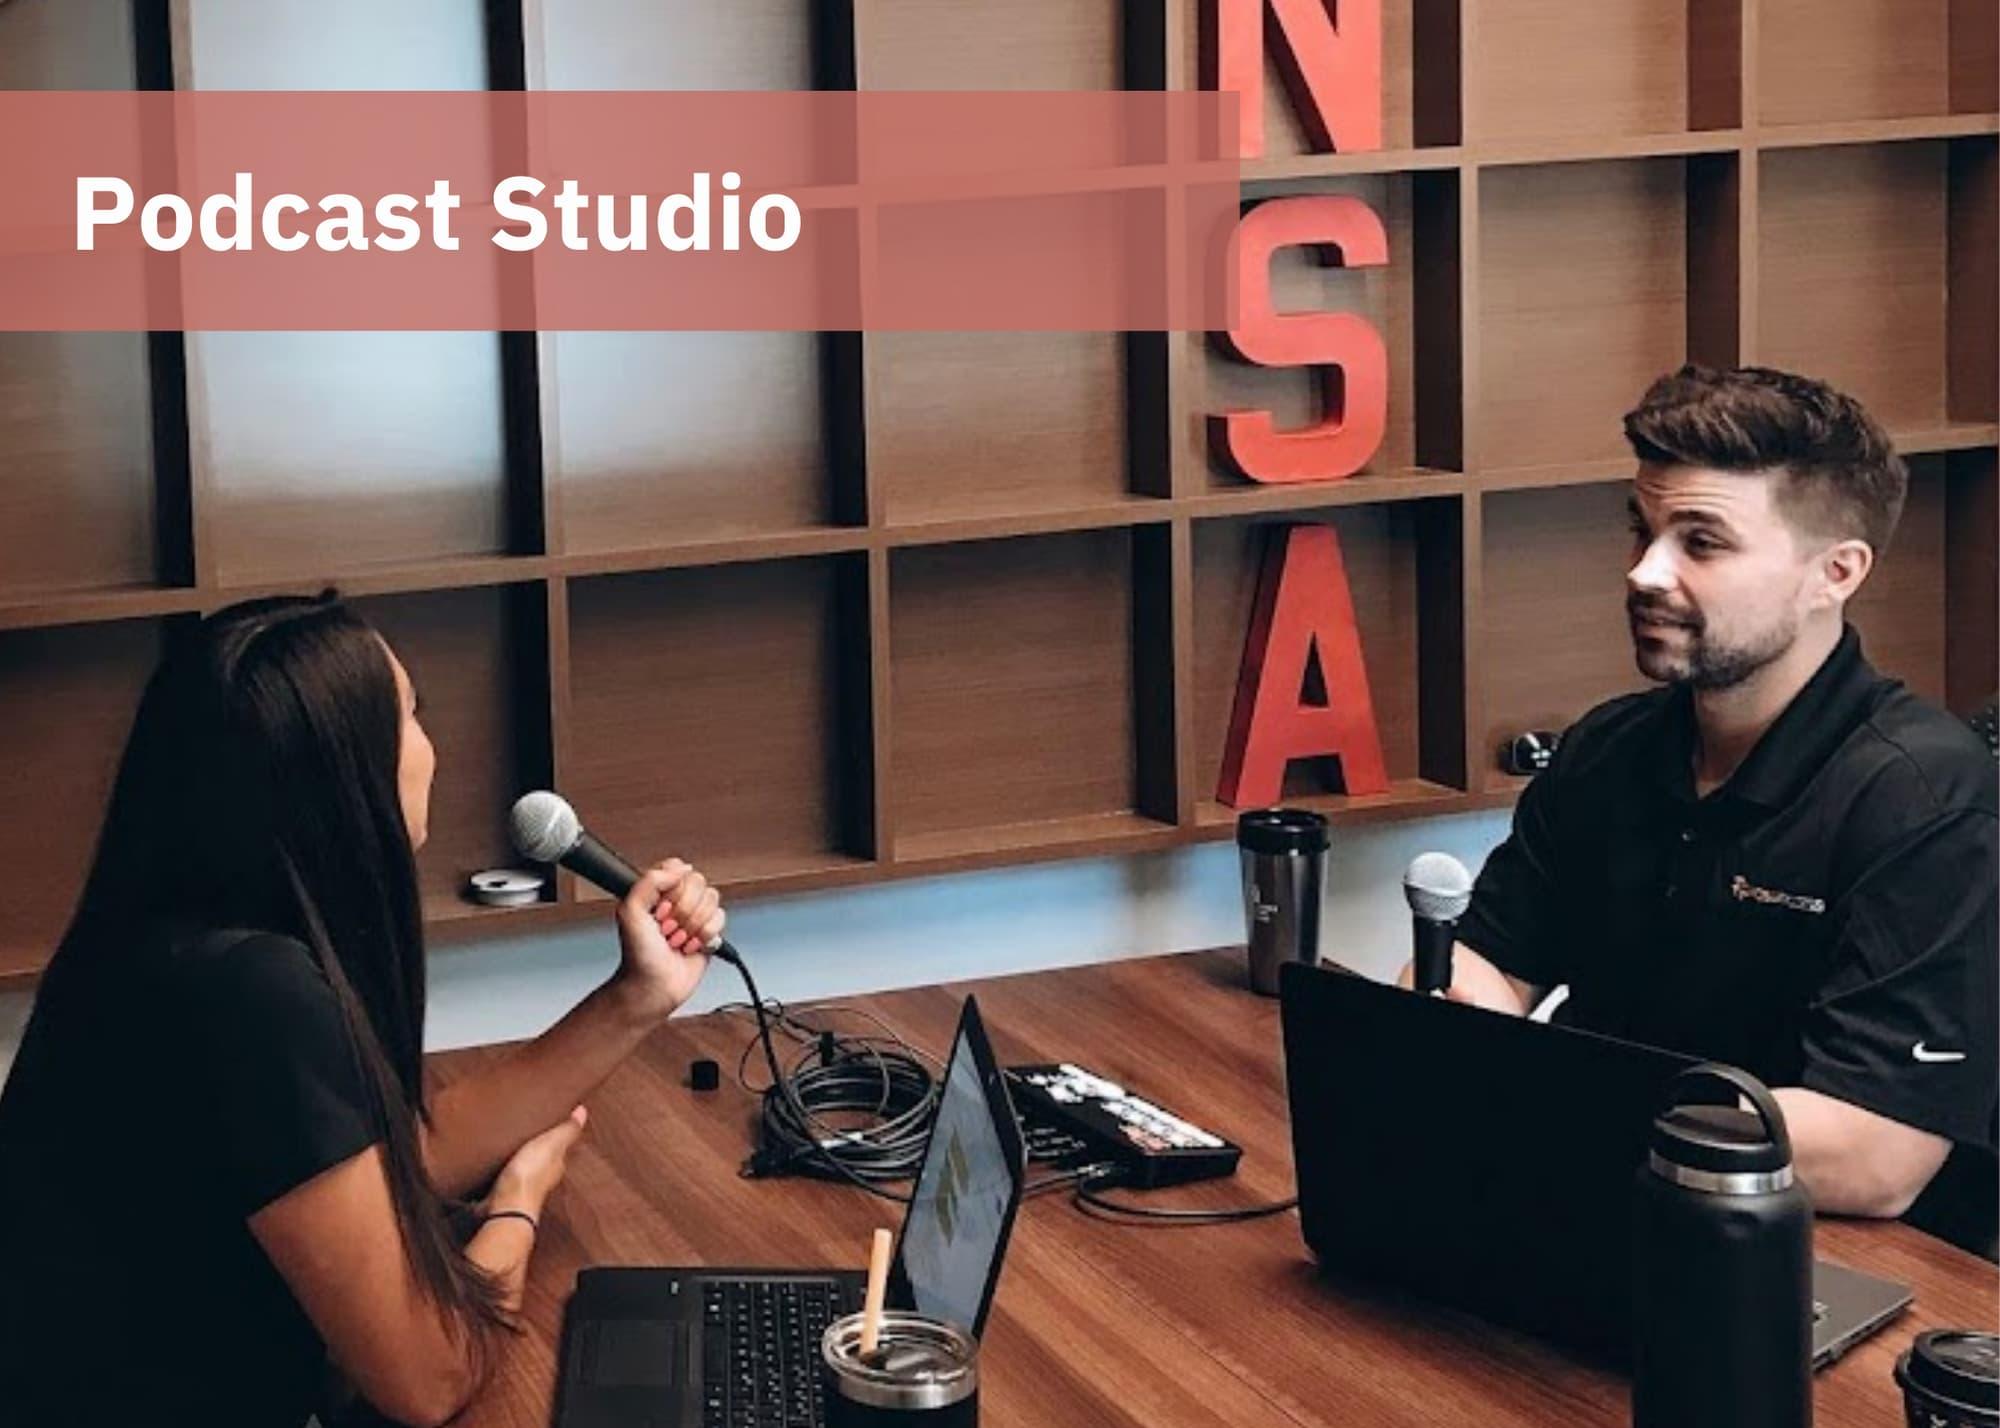 Podcast Studio Buffalo, NY